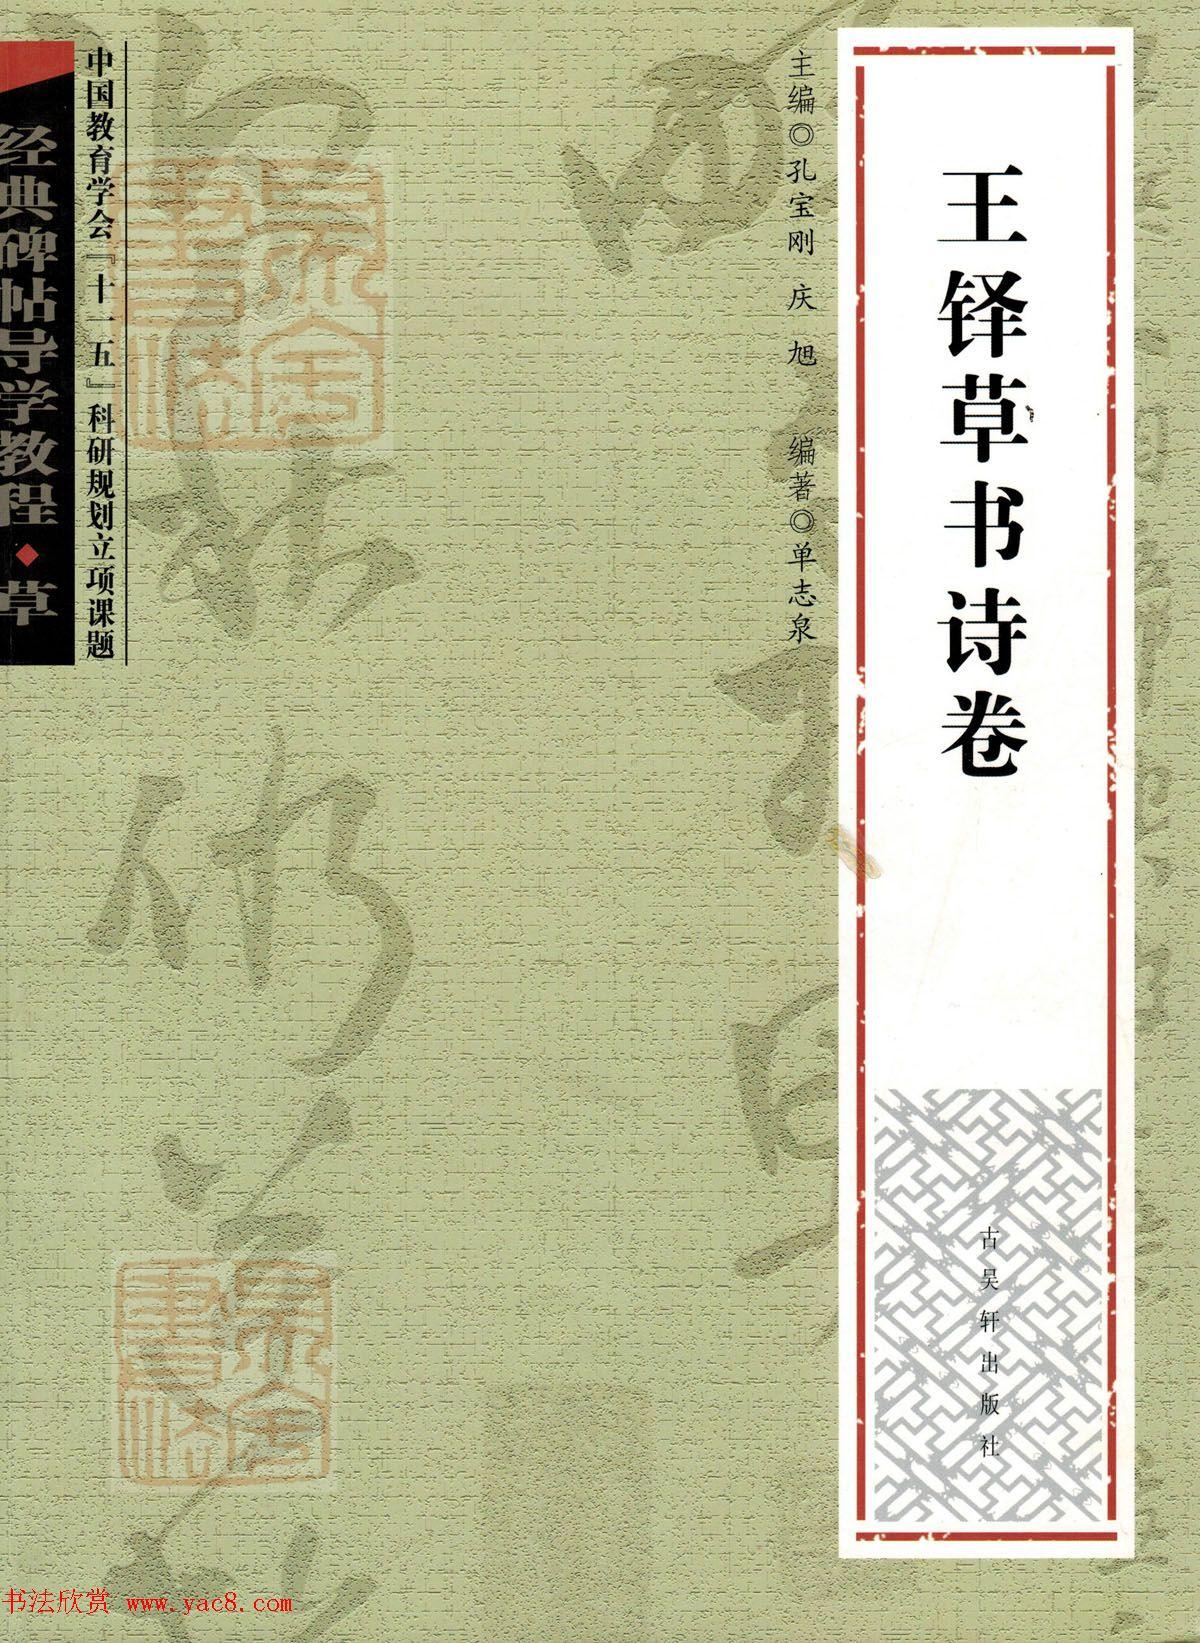 经典碑帖导学教程:王铎草书诗卷--偏旁部首